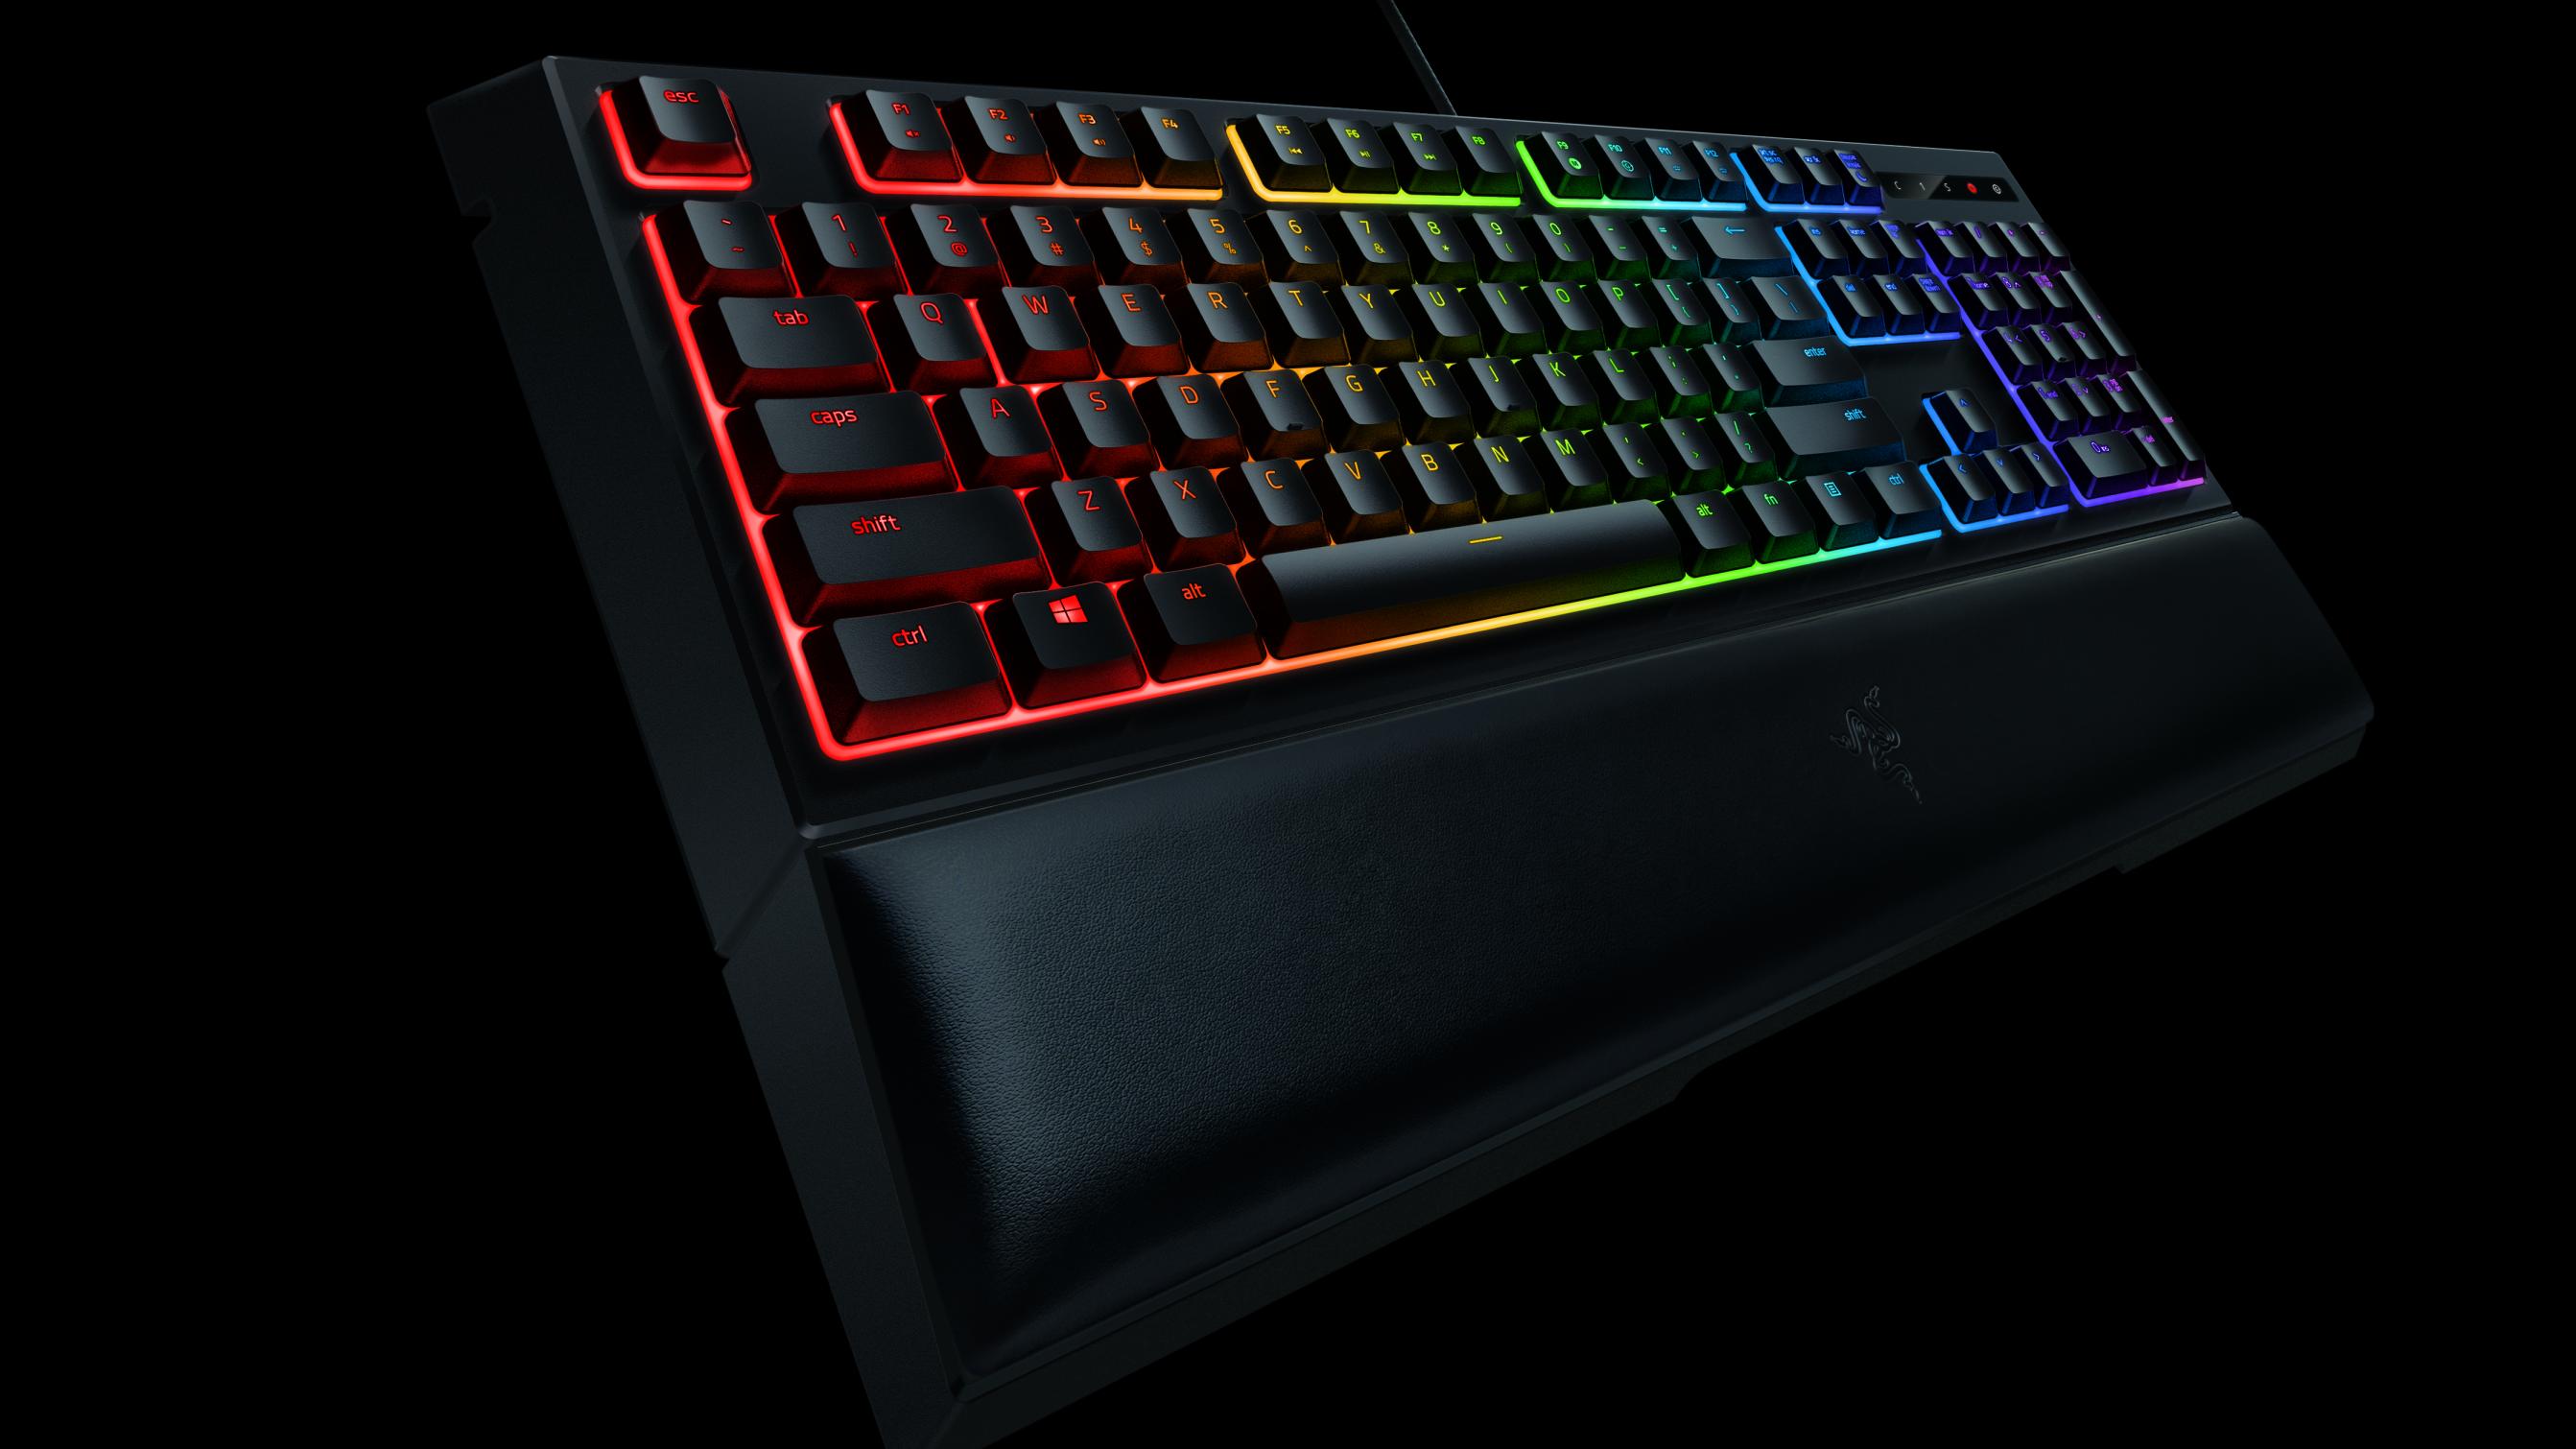 Razers nye tastatur kombinerer mekanisk og ikke-mekanisk teknologi